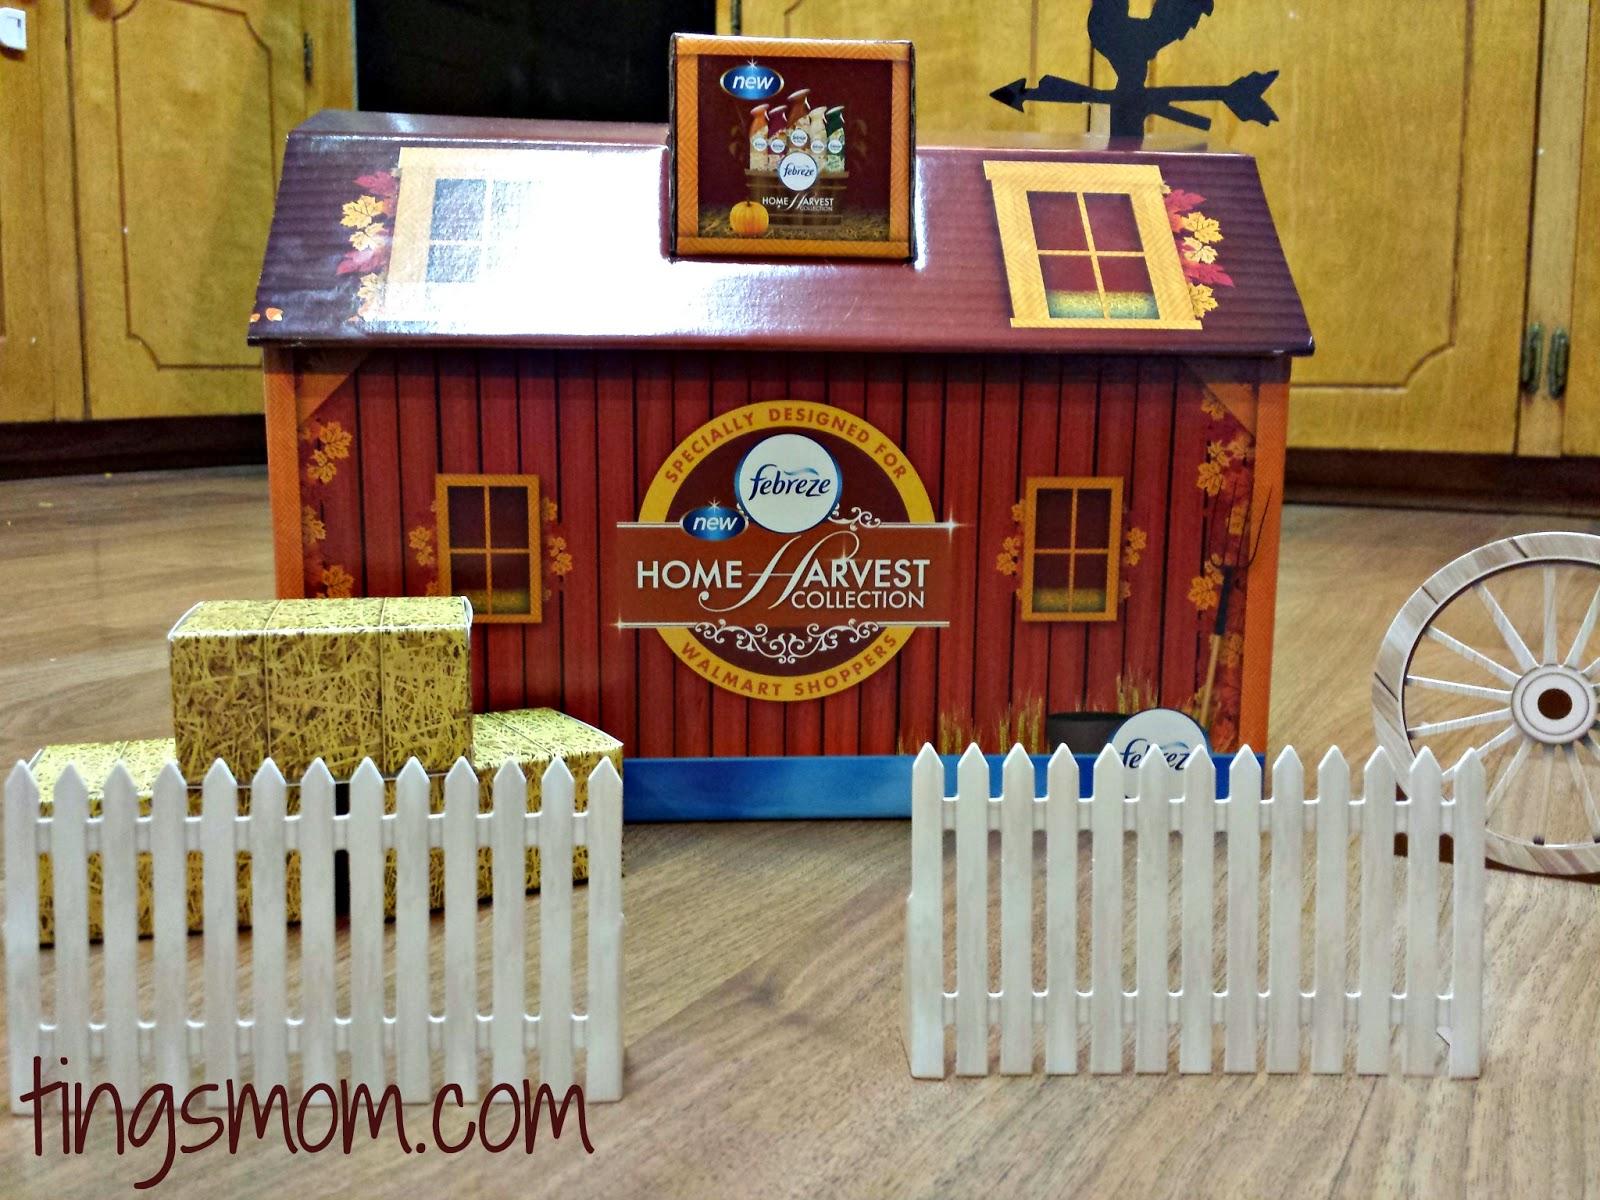 Febreze Fall Home Harvest Collection | #sponsored #febrezefall #walmart #shespeaks